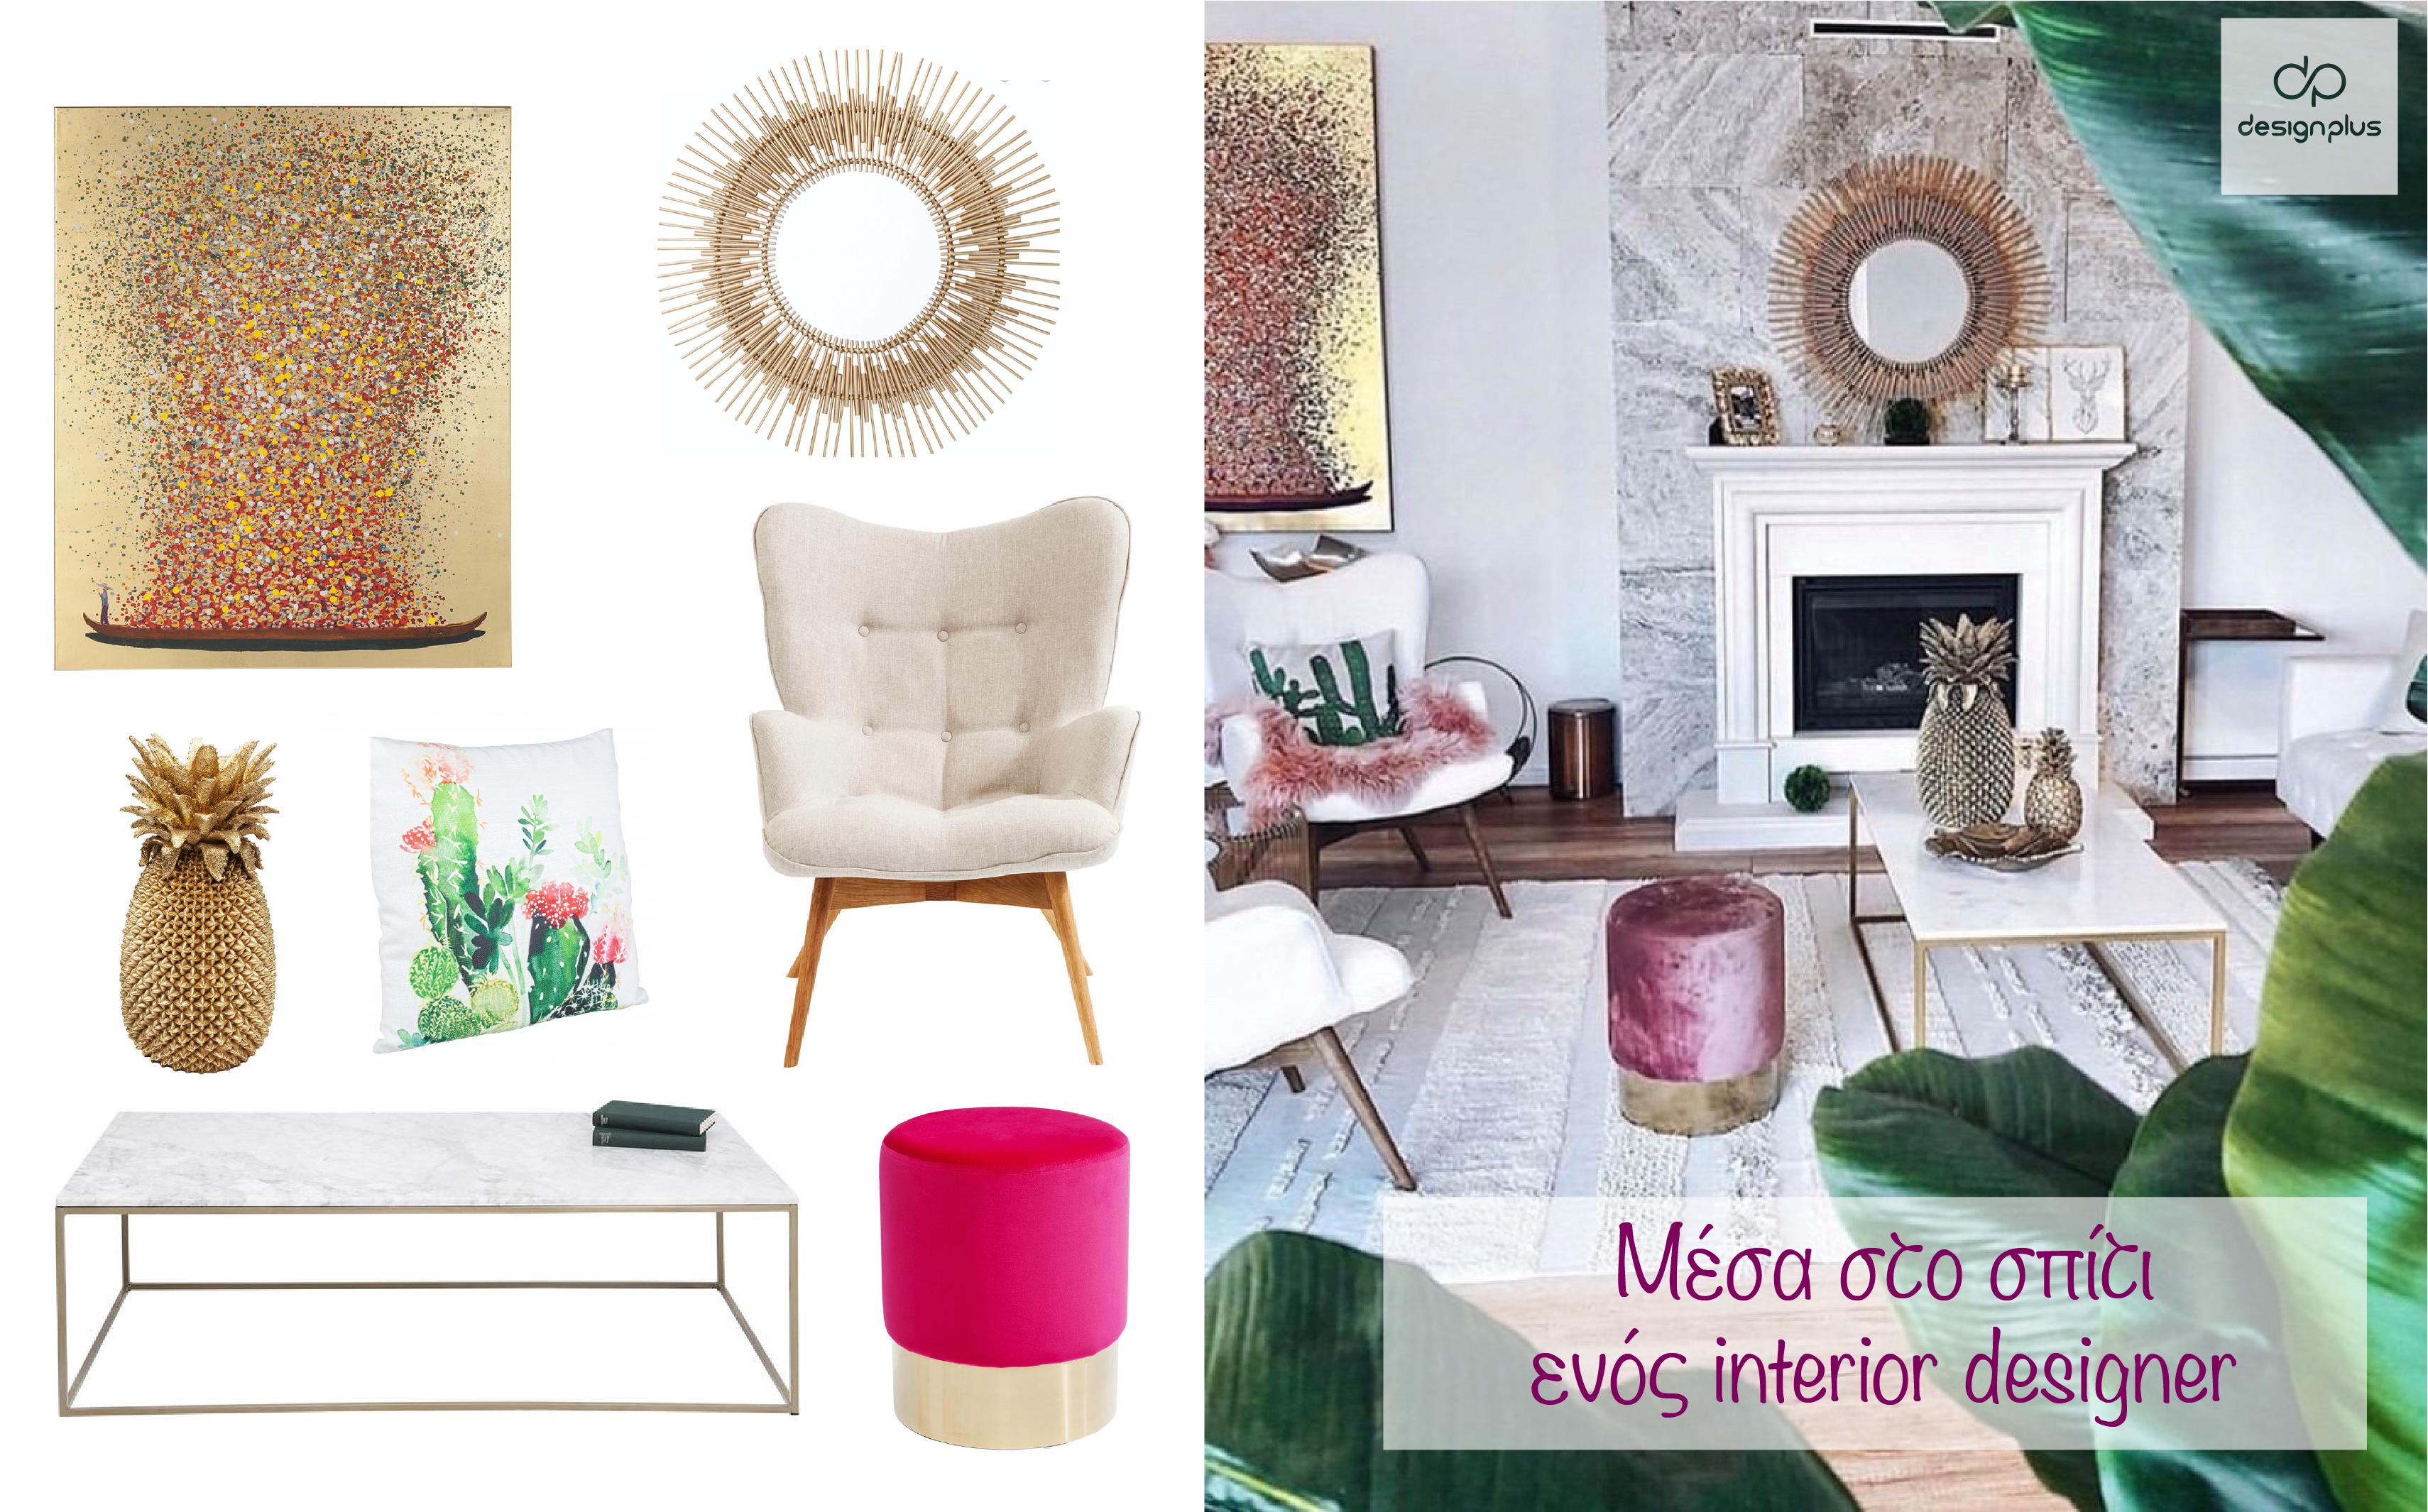 Ανακαλύψαμε σπίτι διάσημης Interior Designer & Blogger στο Τορόντο μέ επιπλα της Kare που θα τα βρείτε online αποκλειστικά στην designplus με εως 🚗-30% και 🚗ΔΩΡΕΑΝ ΜΕΤΑΦΟΡΙΚΑ Στη designplus χαιρόμαστε ιδιαίτερα όταν μαθαίνουμε οτι οι συλλογές που επιλέγουμε για εσάς αποτελούν πηγή έμπνευσης για designers  #inspiration #interiordesign #menoumespiti #homedecor #livingroomideas #homeideas #homedeco #decoration #lifestyle